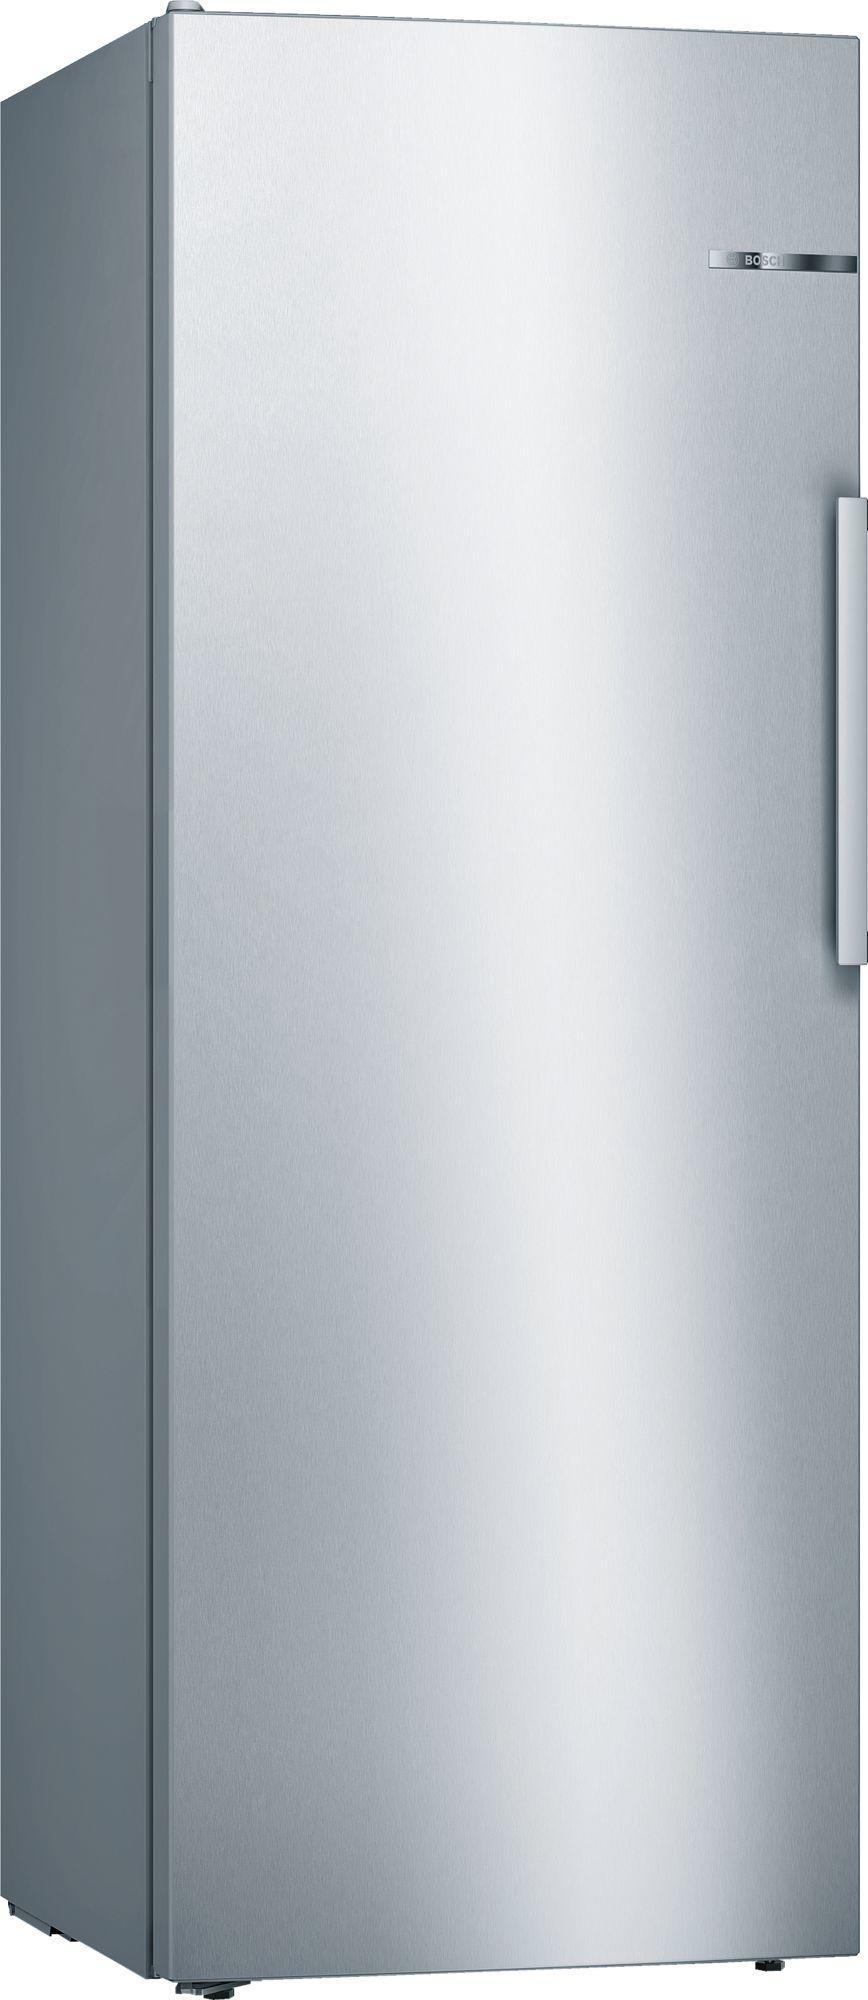 Image of Serie 2 KSV29VLEP 60cm 290 Litre Single Door Fridge | Silver Innox